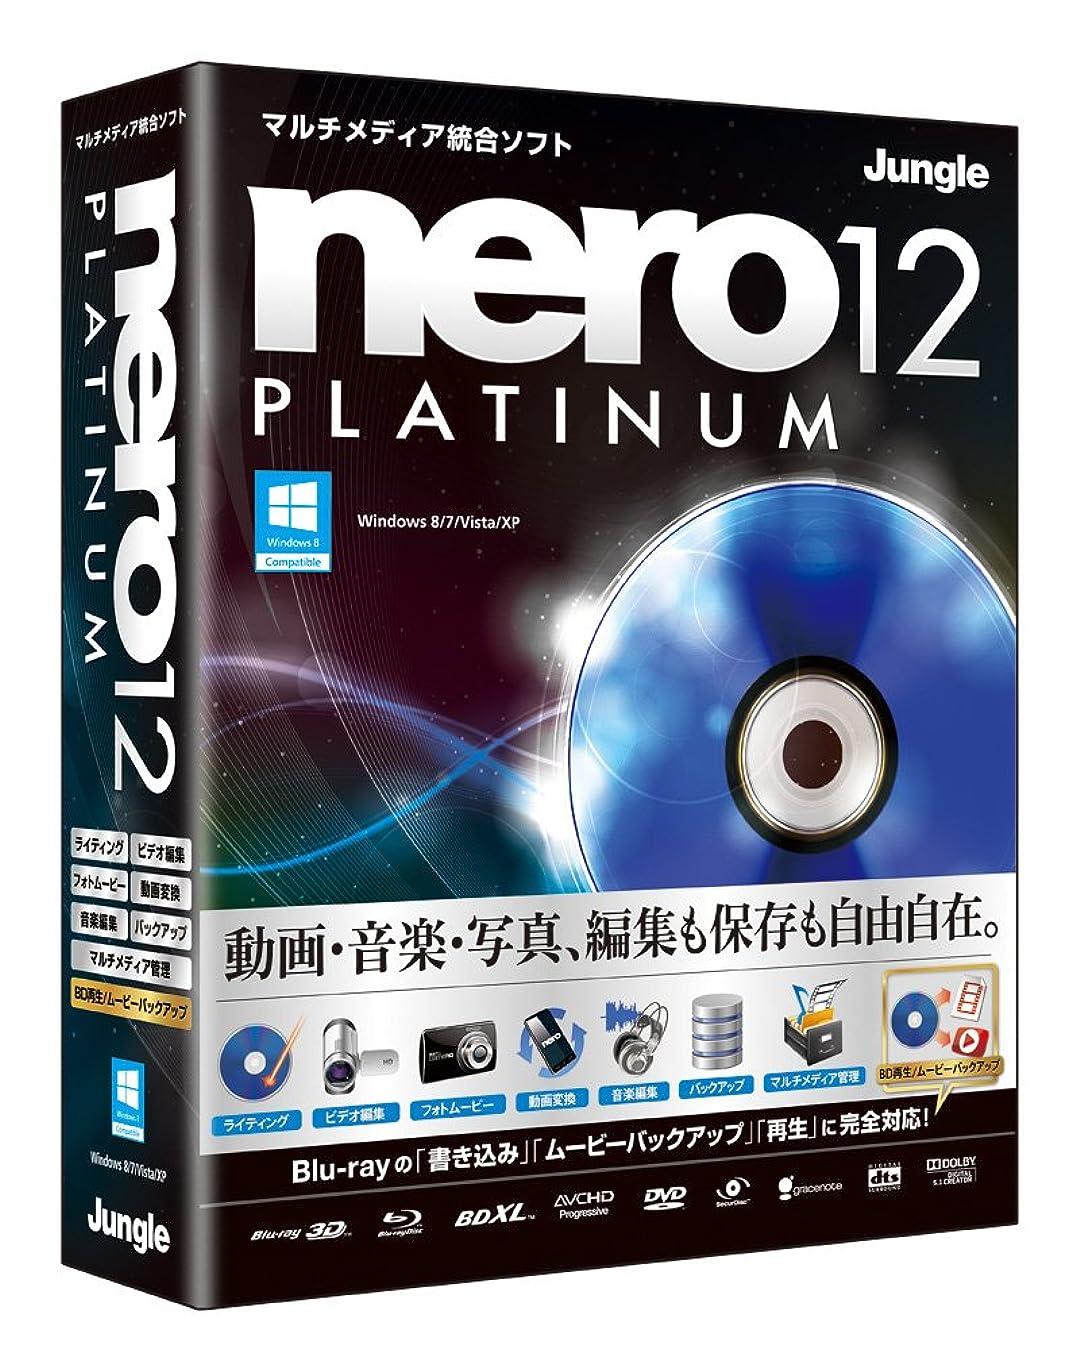 ボランティアに宿題をするNero 12 Platinum